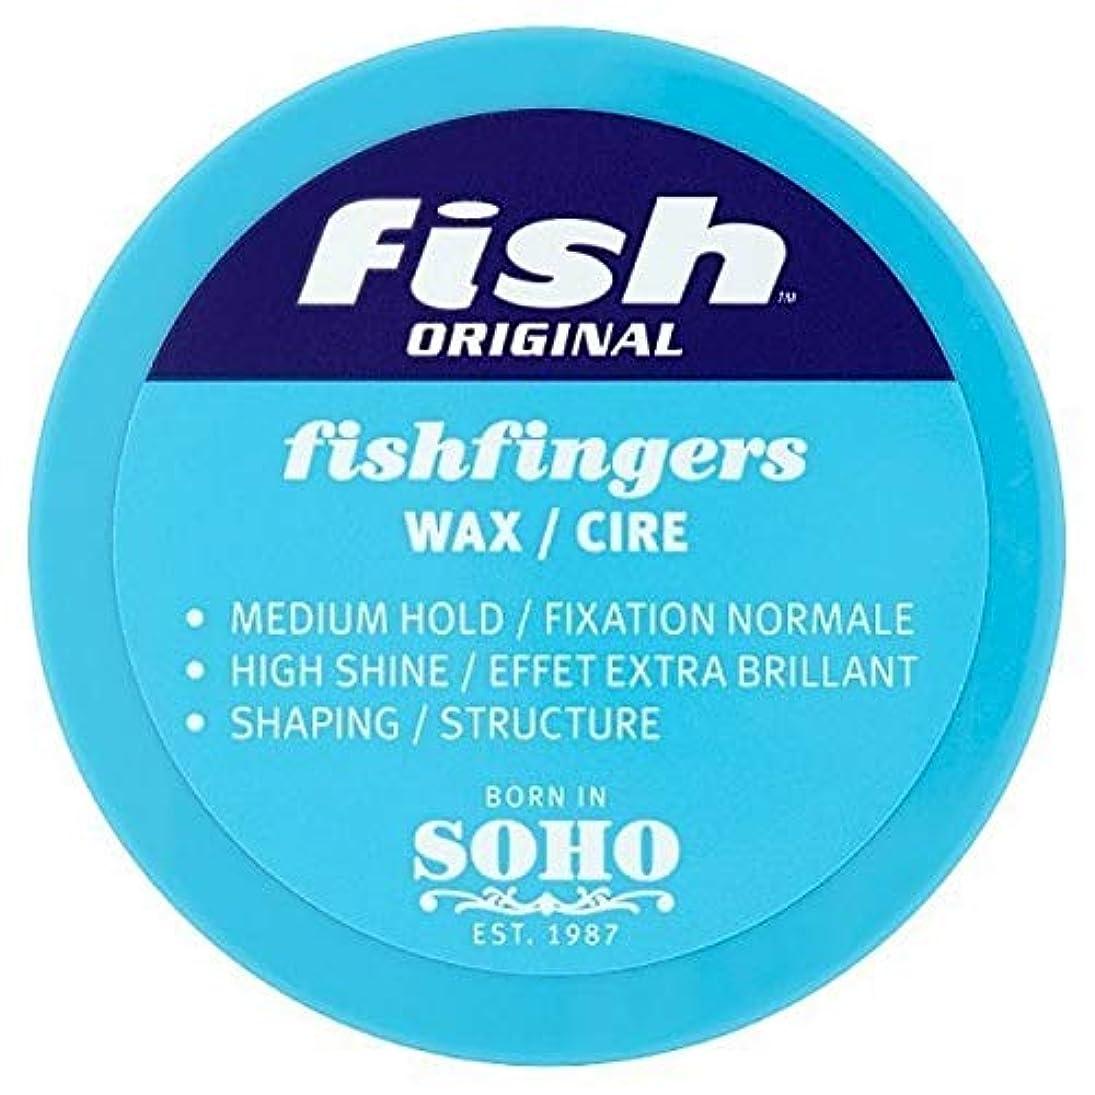 算術メロドラマティック玉ねぎ[Fish Soho] ワックス100ミリリットルを定義する魚本来のFishfingers形状 - Fish Original Fishfingers Shape Defining Wax 100ml [並行輸入品]